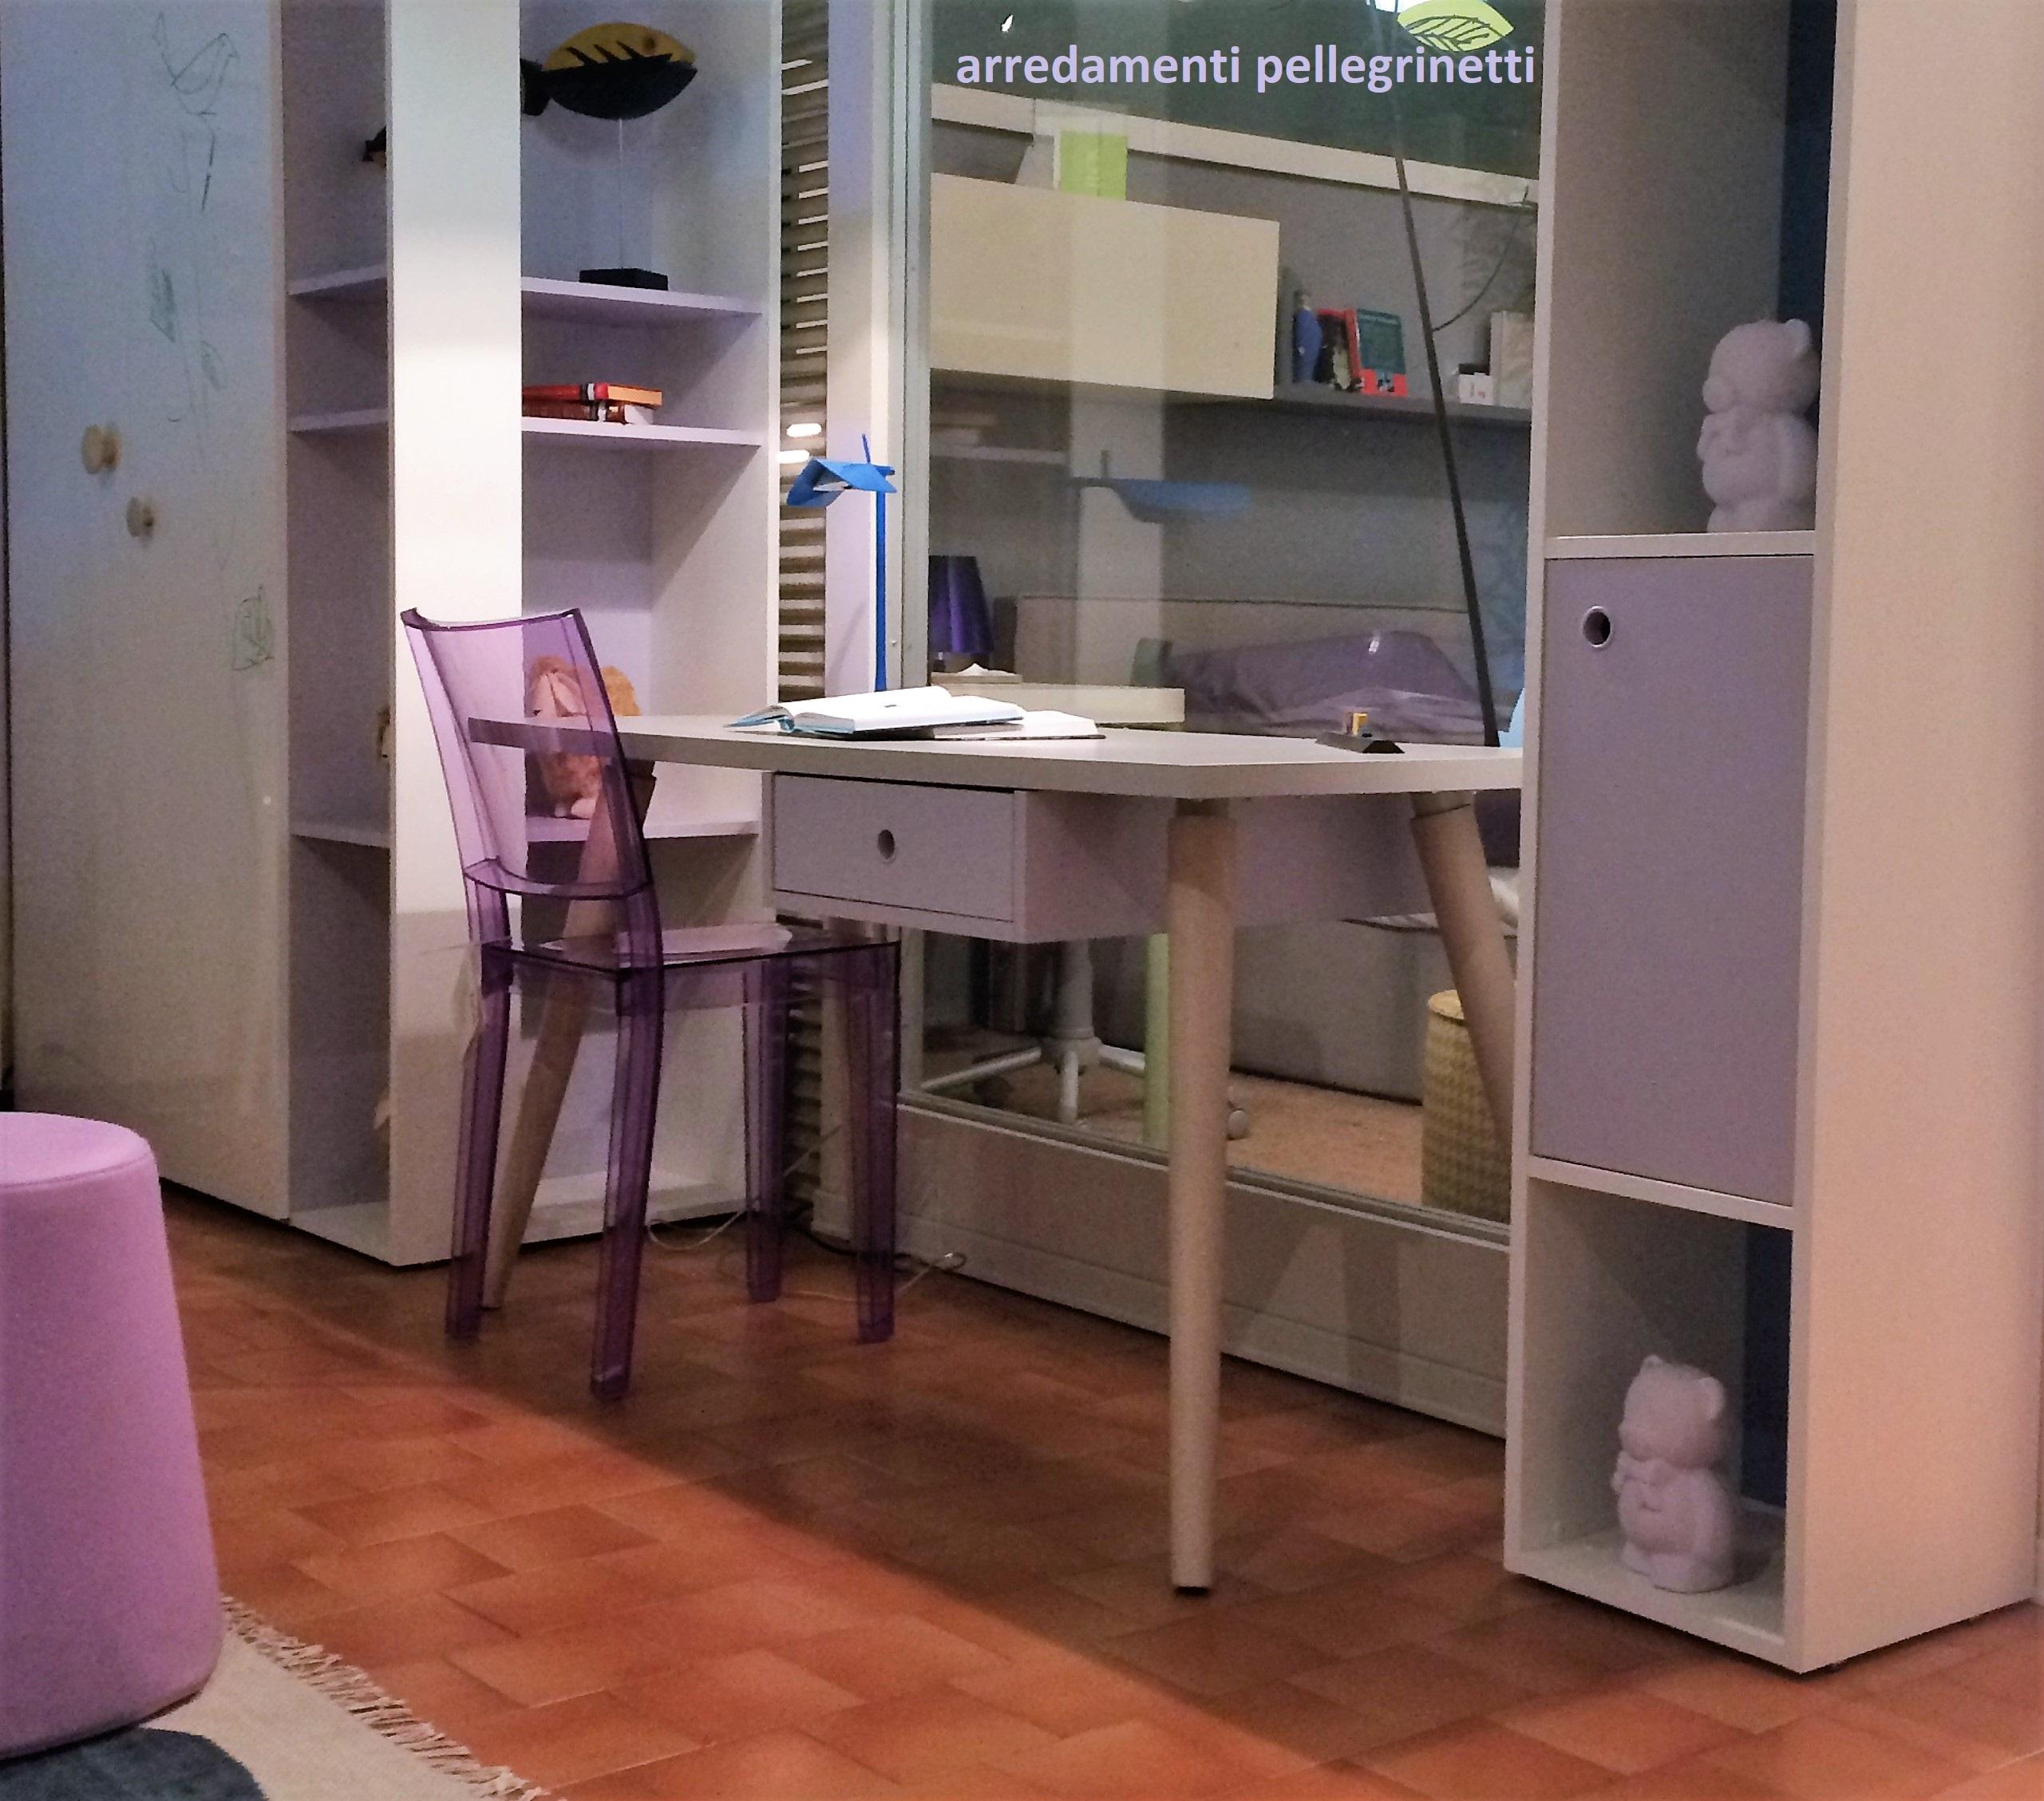 Cameretta con sedia la marie di kartell arredamenti for Sedia kartell la marie